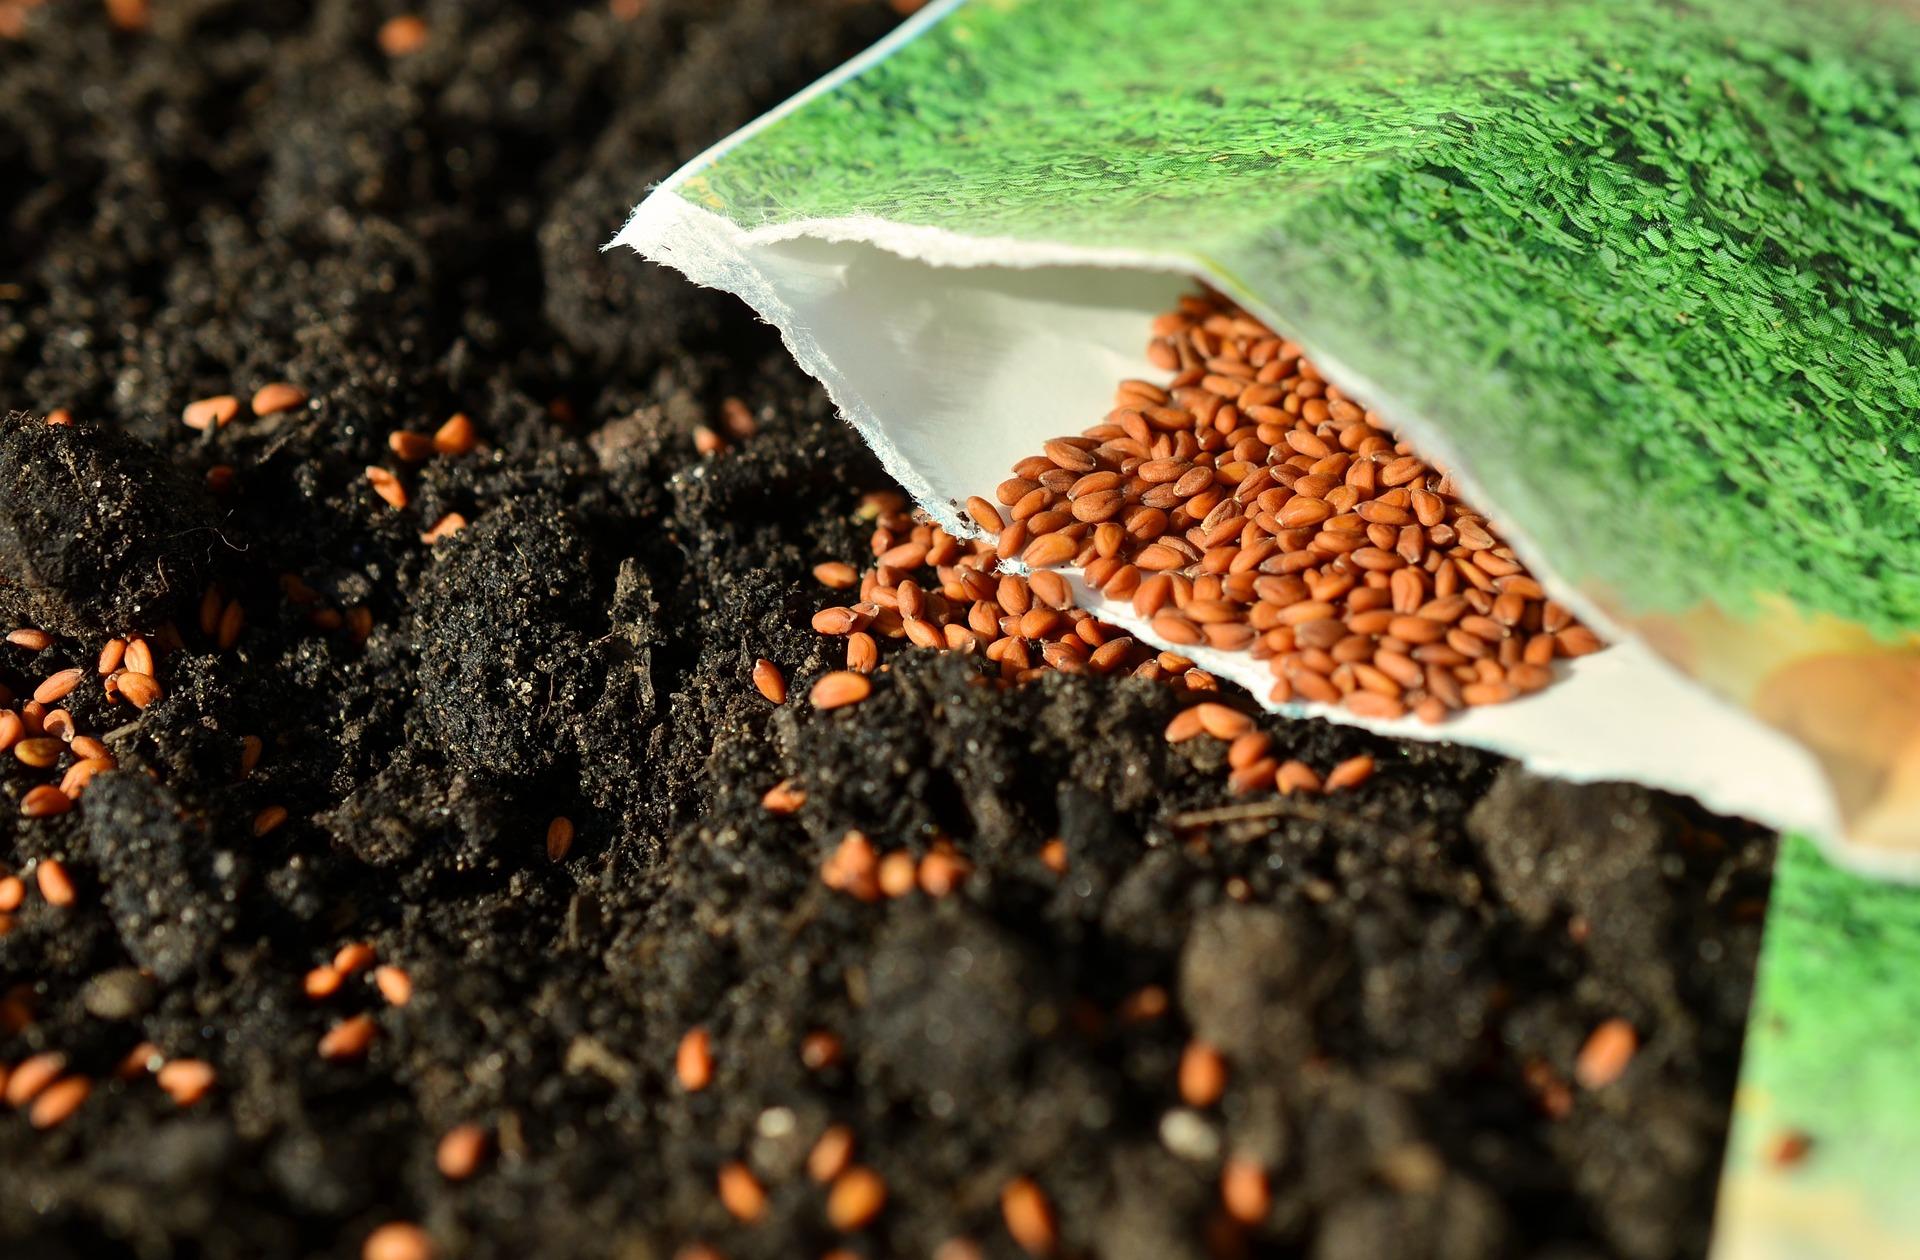 seeds-1302793_1920